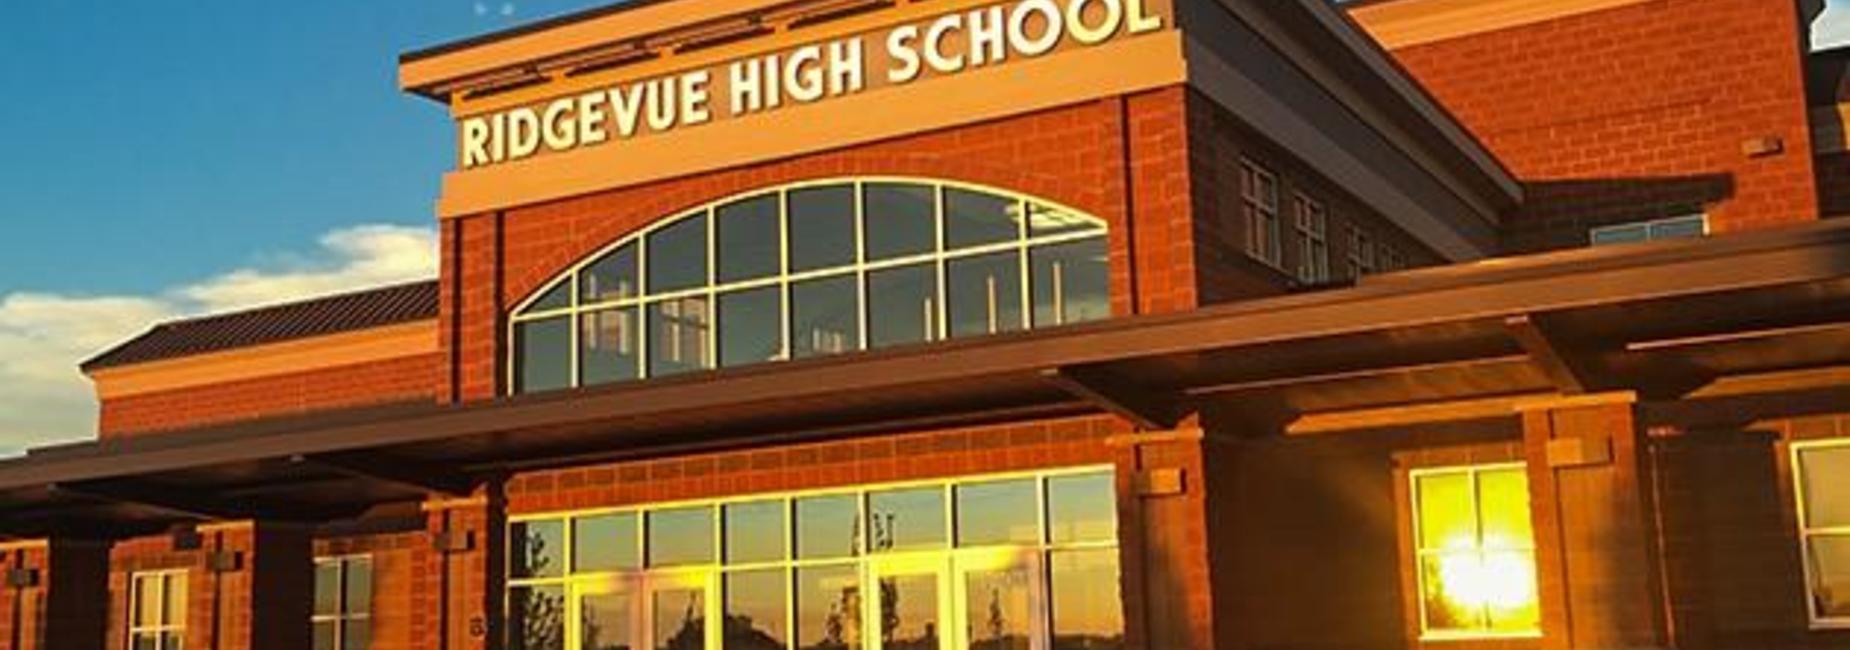 Ridgevue High School